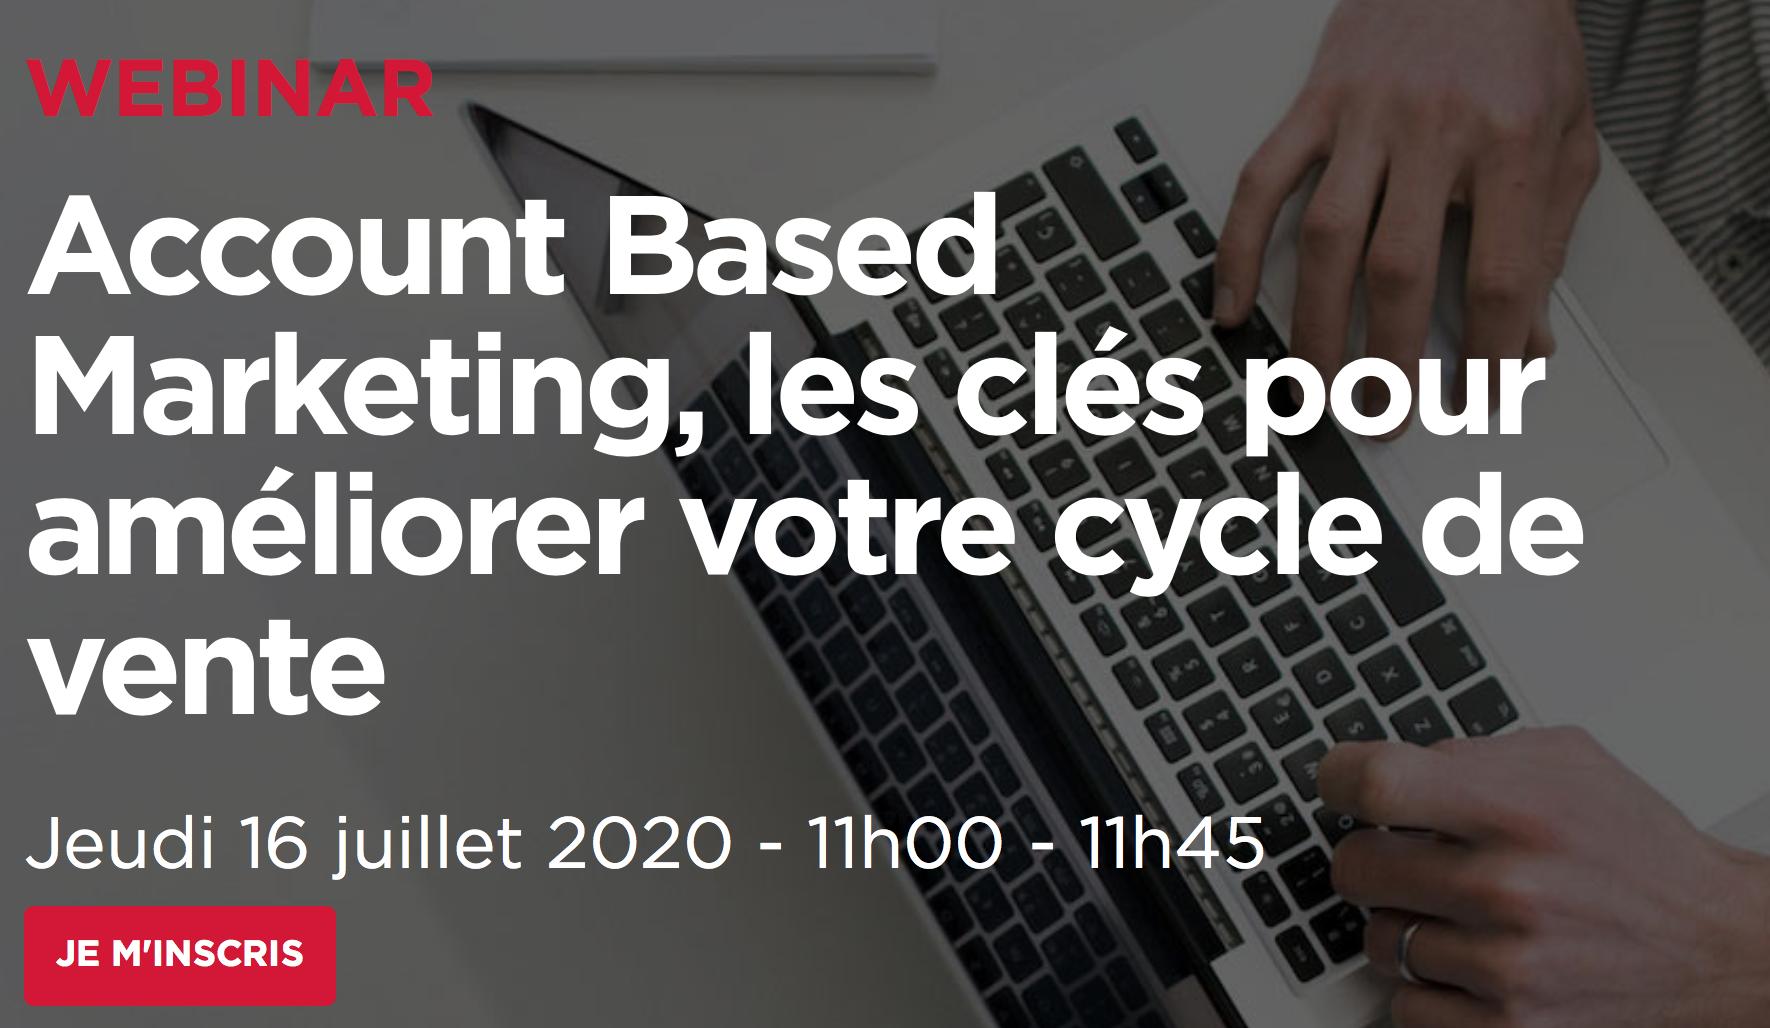 Évènement Webinar – Account Based Marketing, les clés pour améliorer votre cycle de vente Nomination